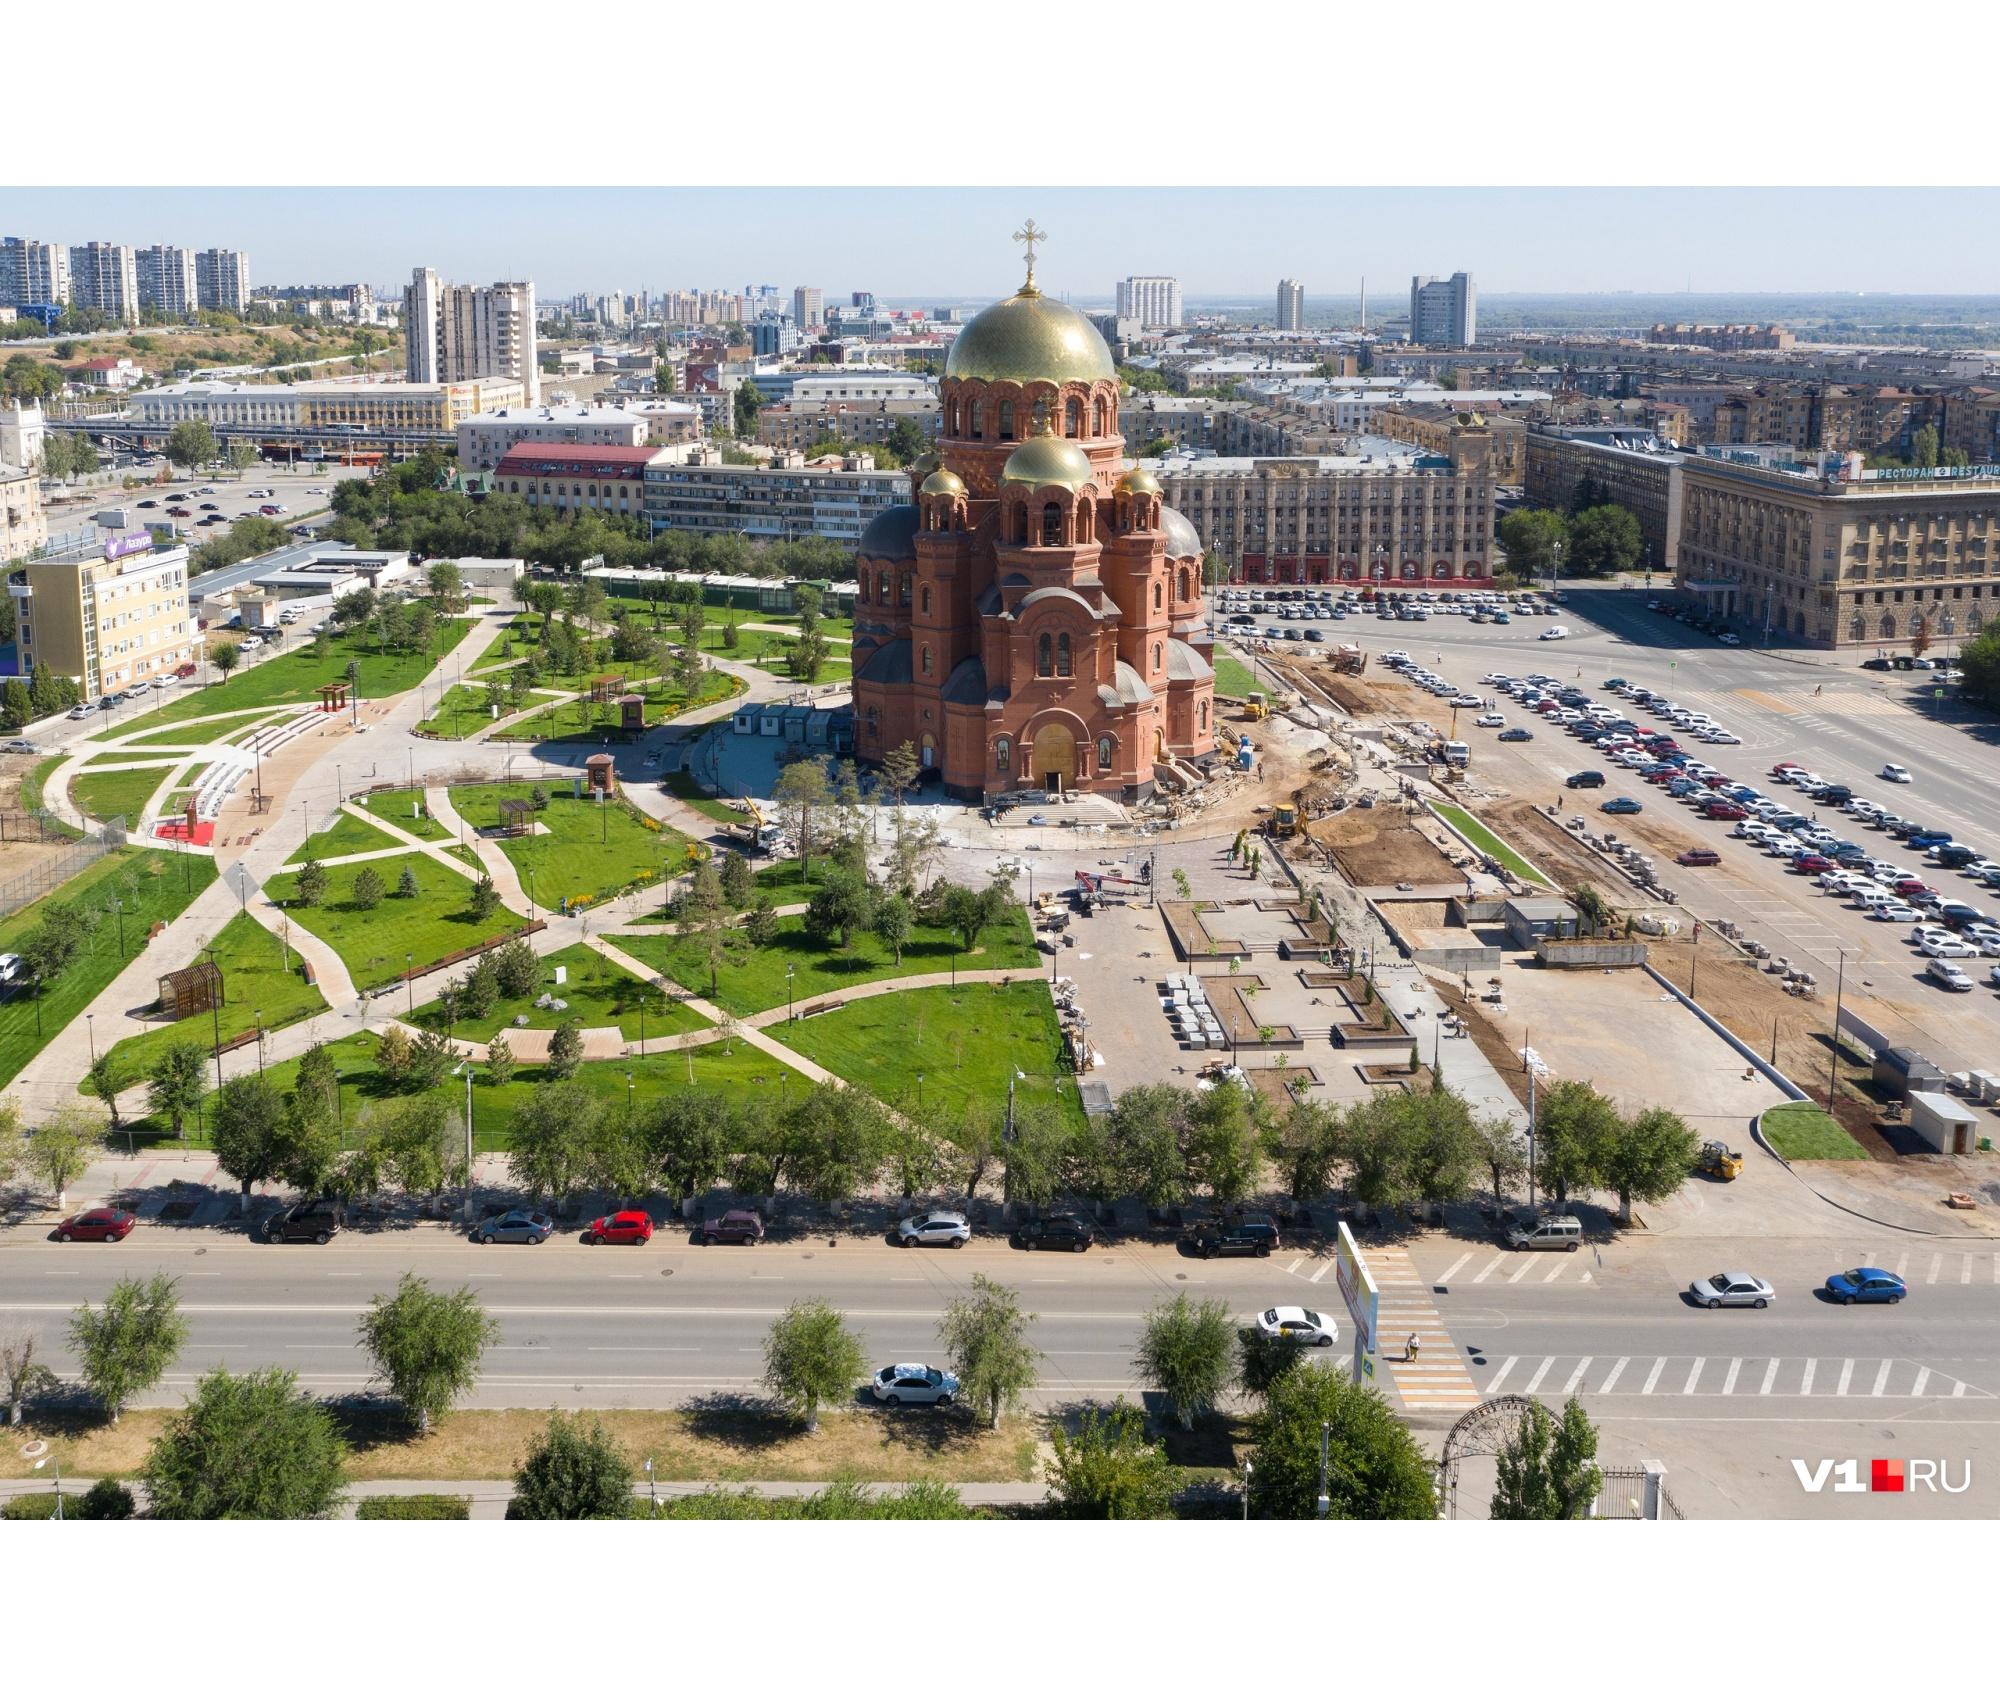 Главным мероприятием праздника станет освящение Александро-Невского собора